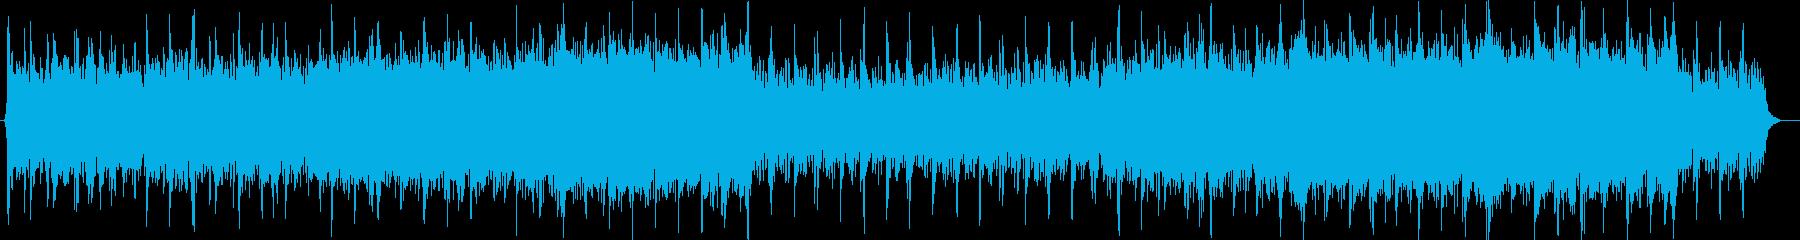 シミュレーションゲームの準備画面風BGMの再生済みの波形